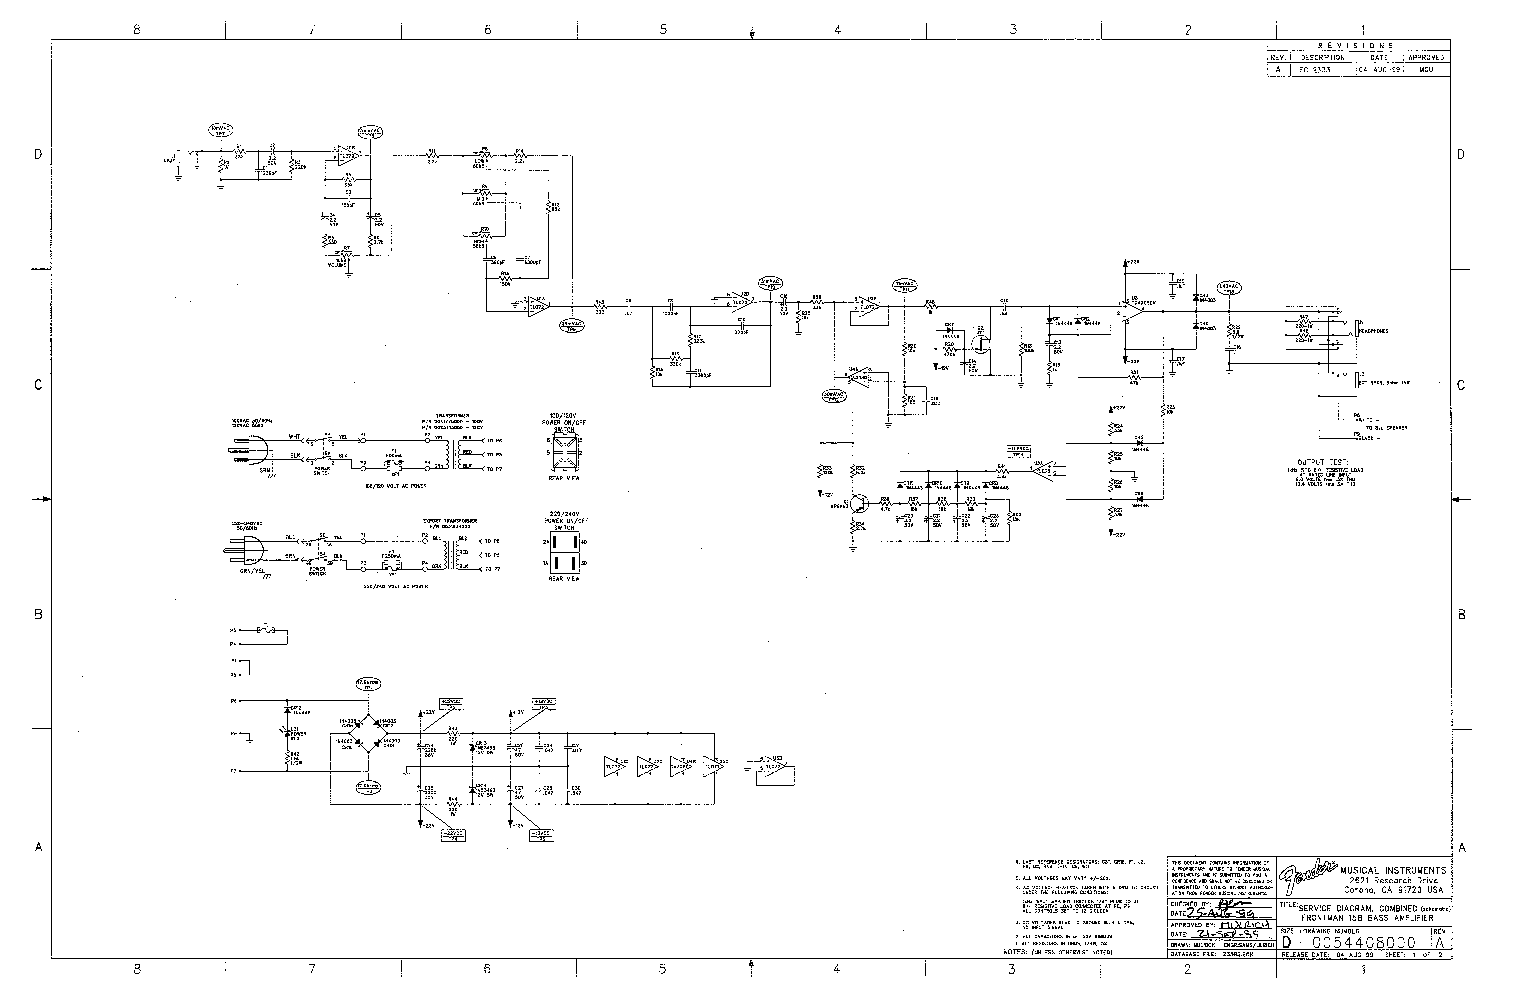 squier b schematic  squier  get free image about wiring